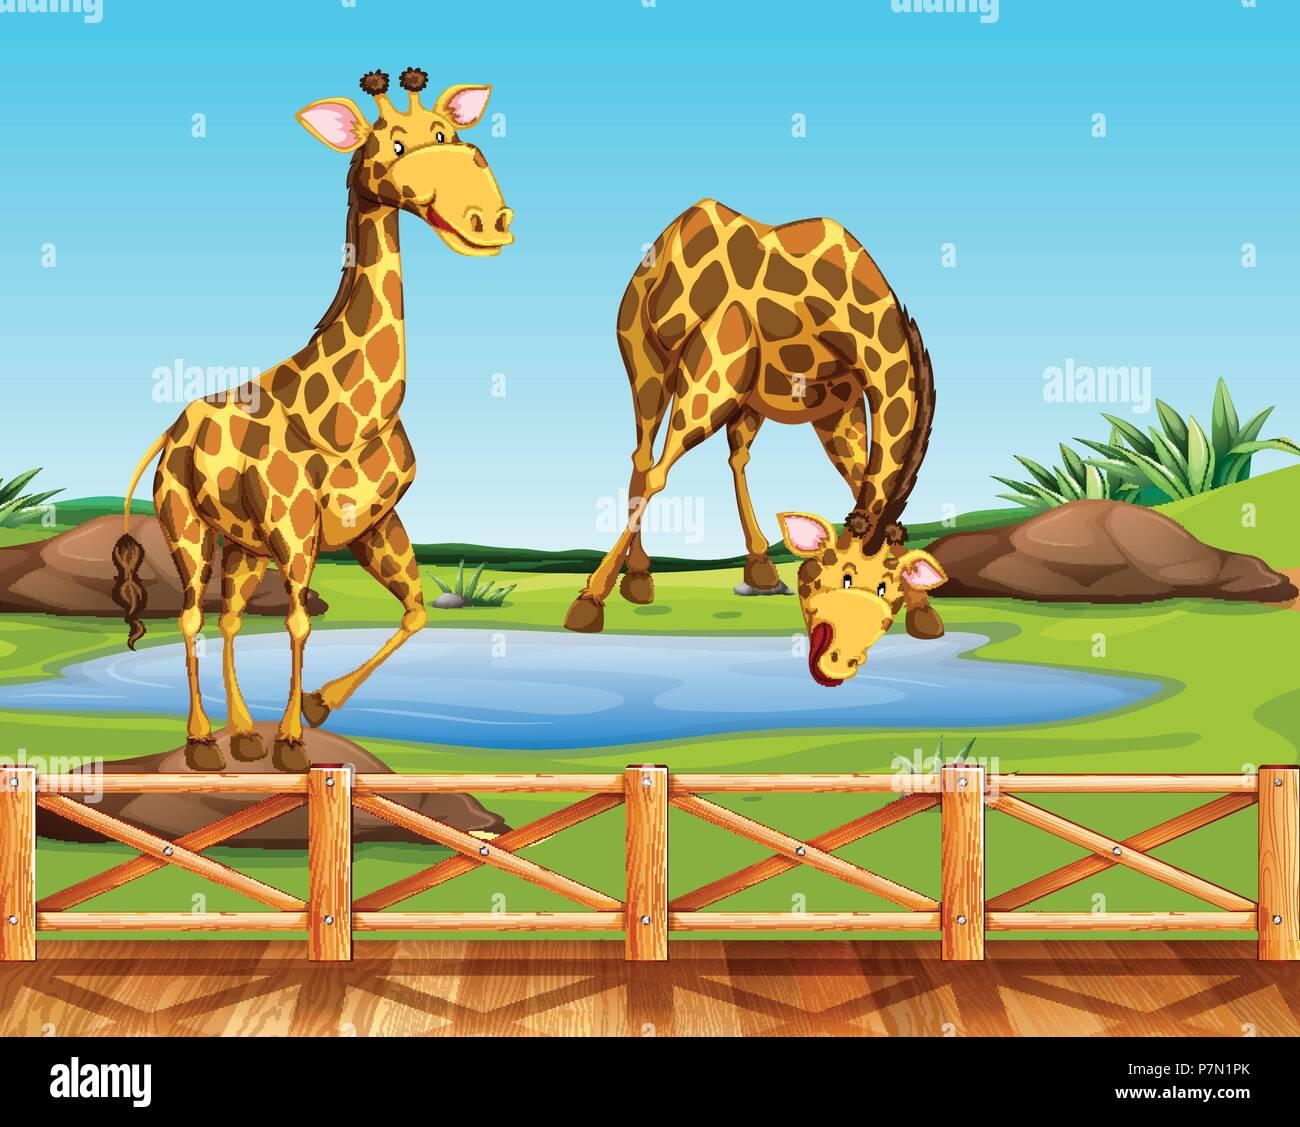 Deux girafes dans un zoo illustration Illustration de Vecteur